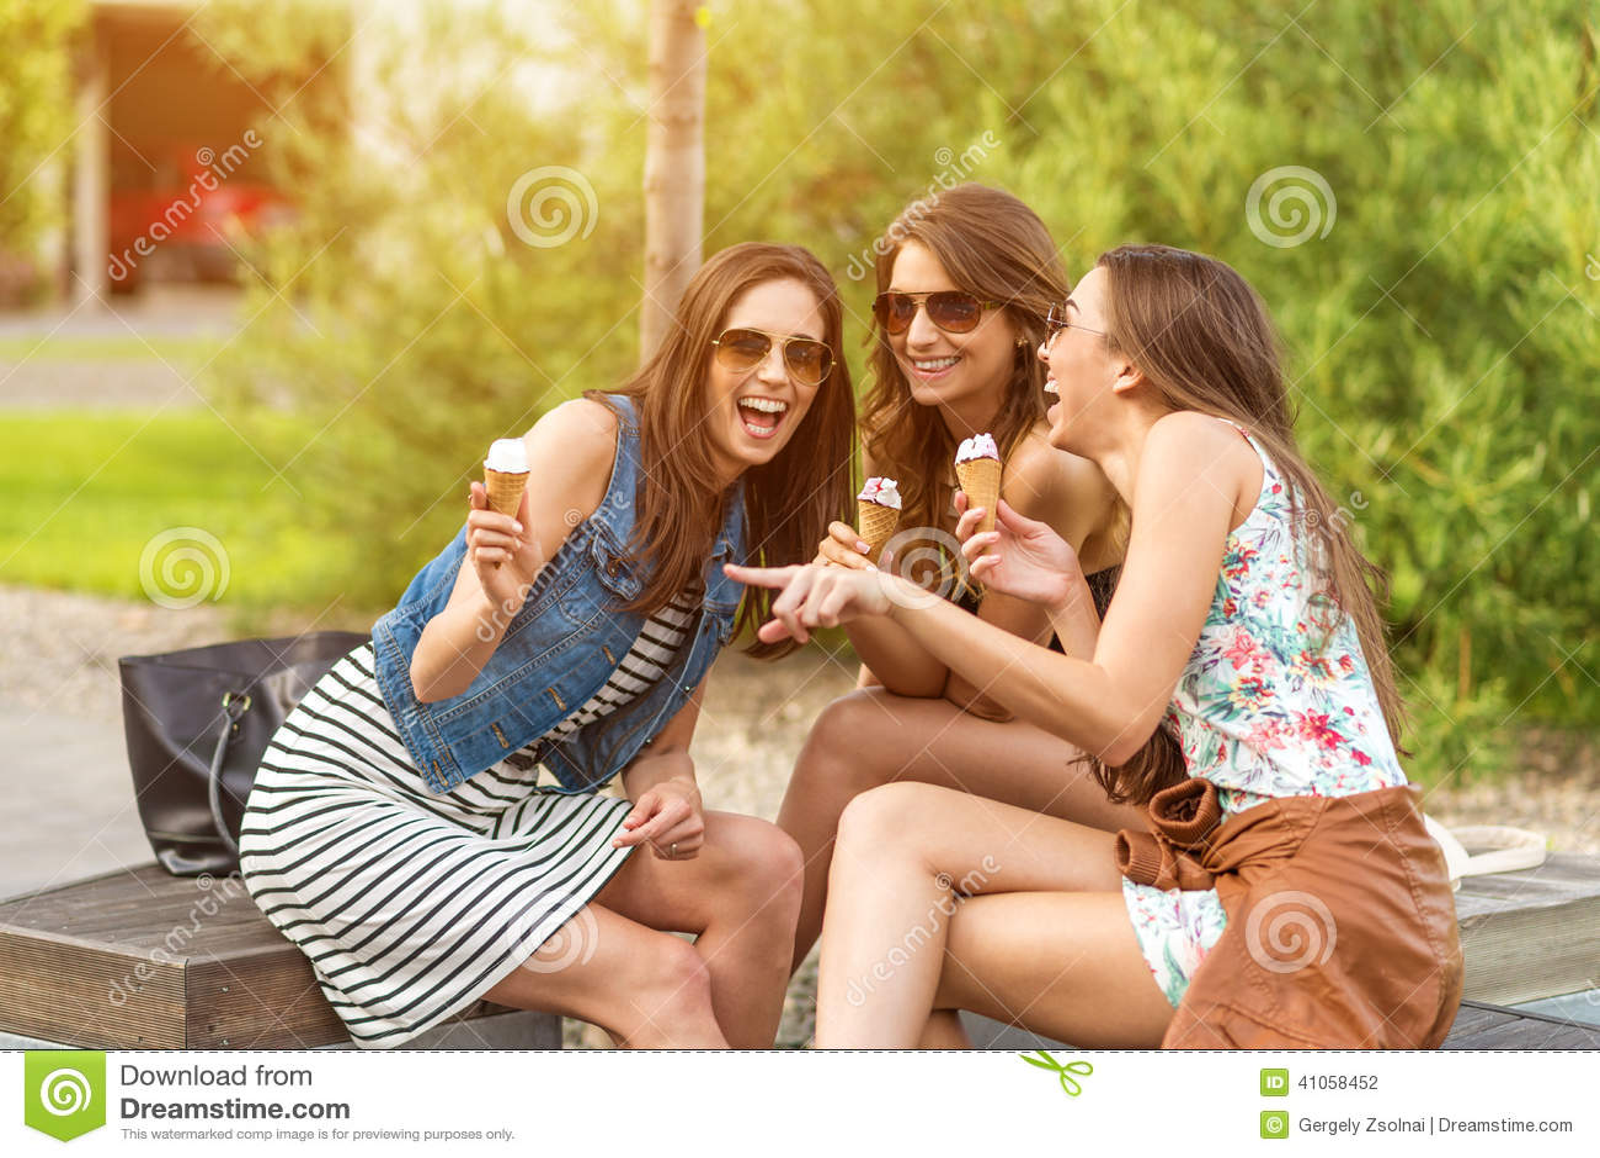 3 nette Frauen, Eisdielen, beim Lachen